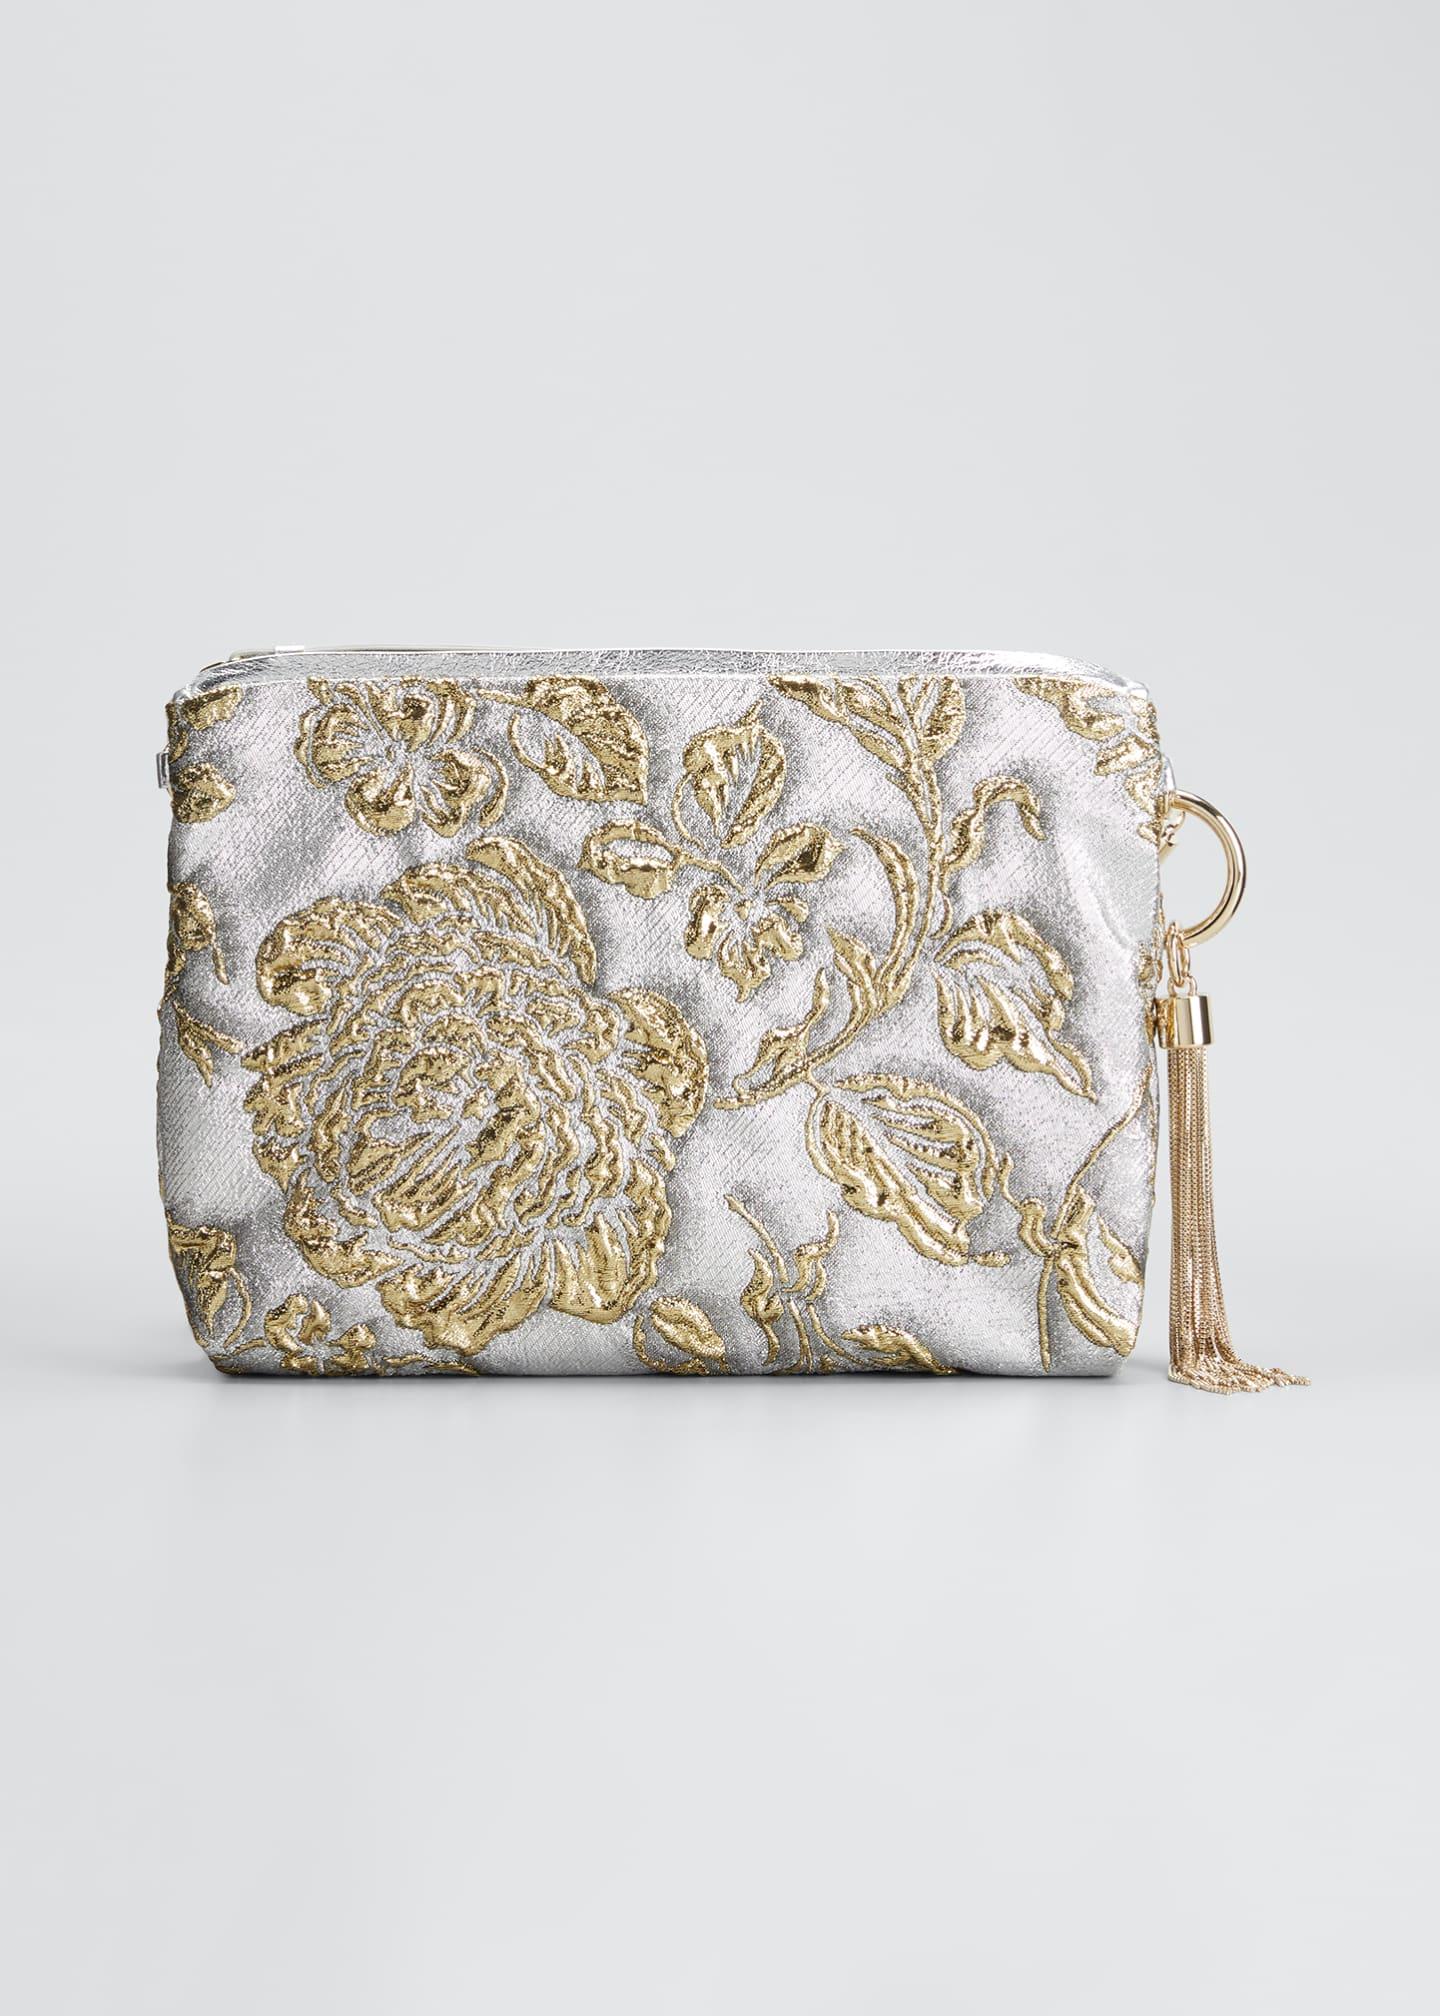 JIMMY CHOO Callie Brocade Clutch Bag